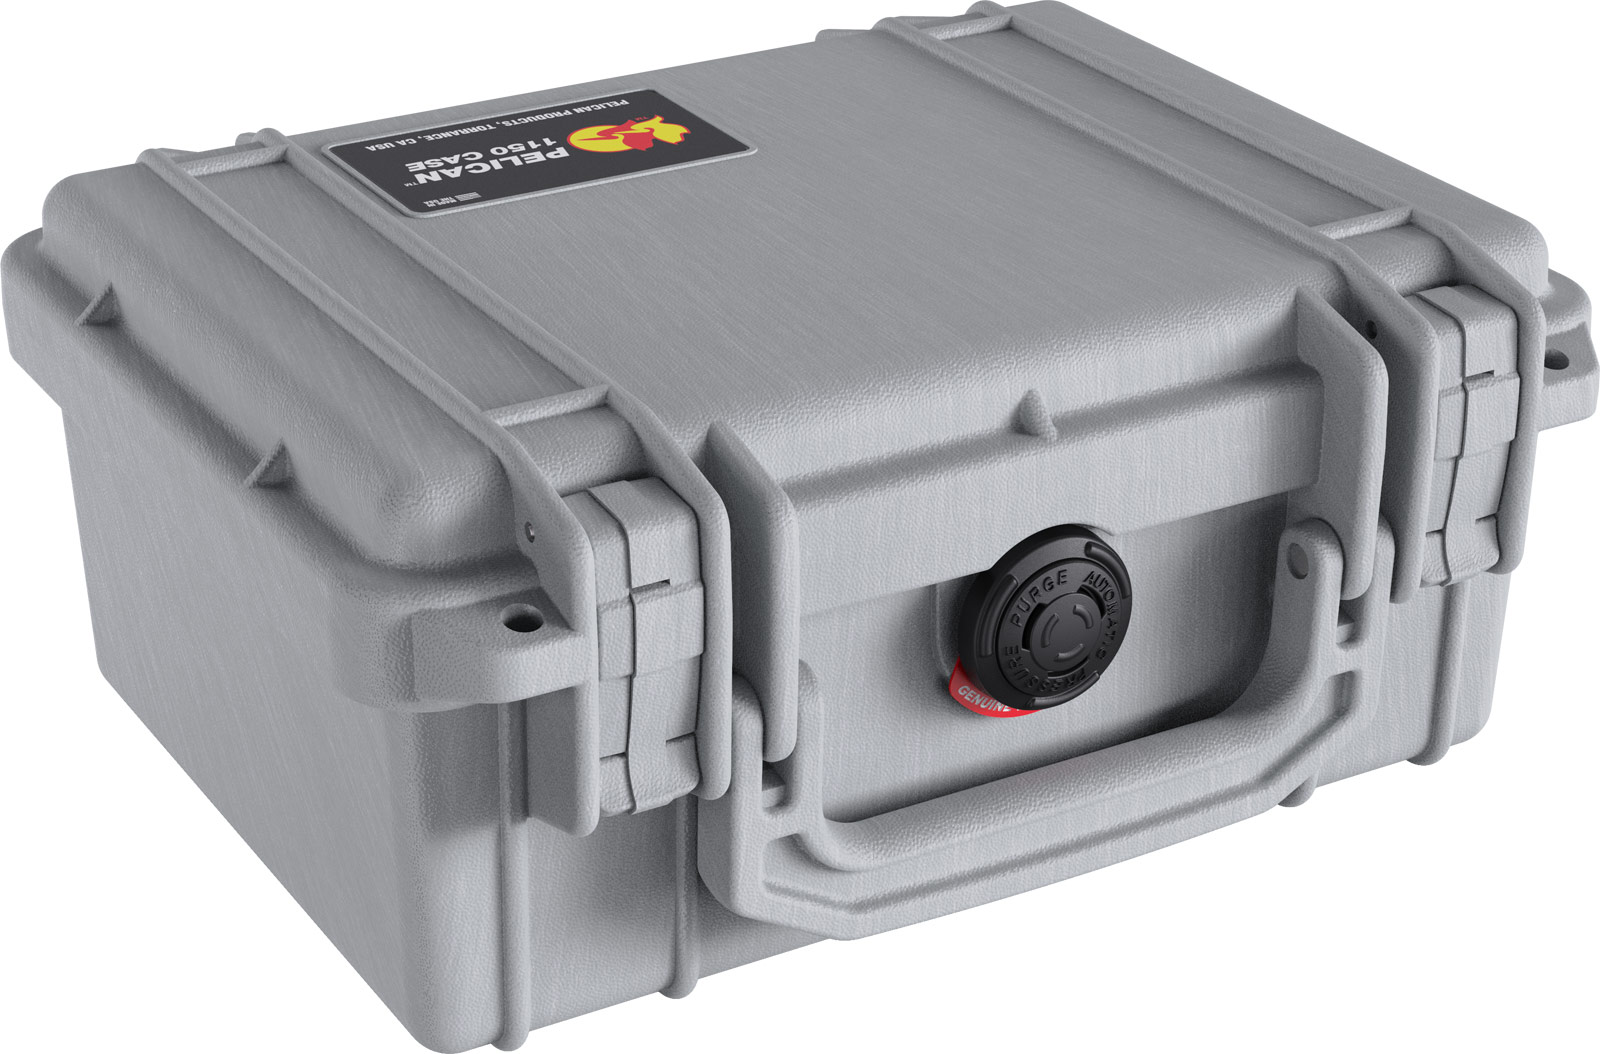 pelican 1150 silver waterproof hard case